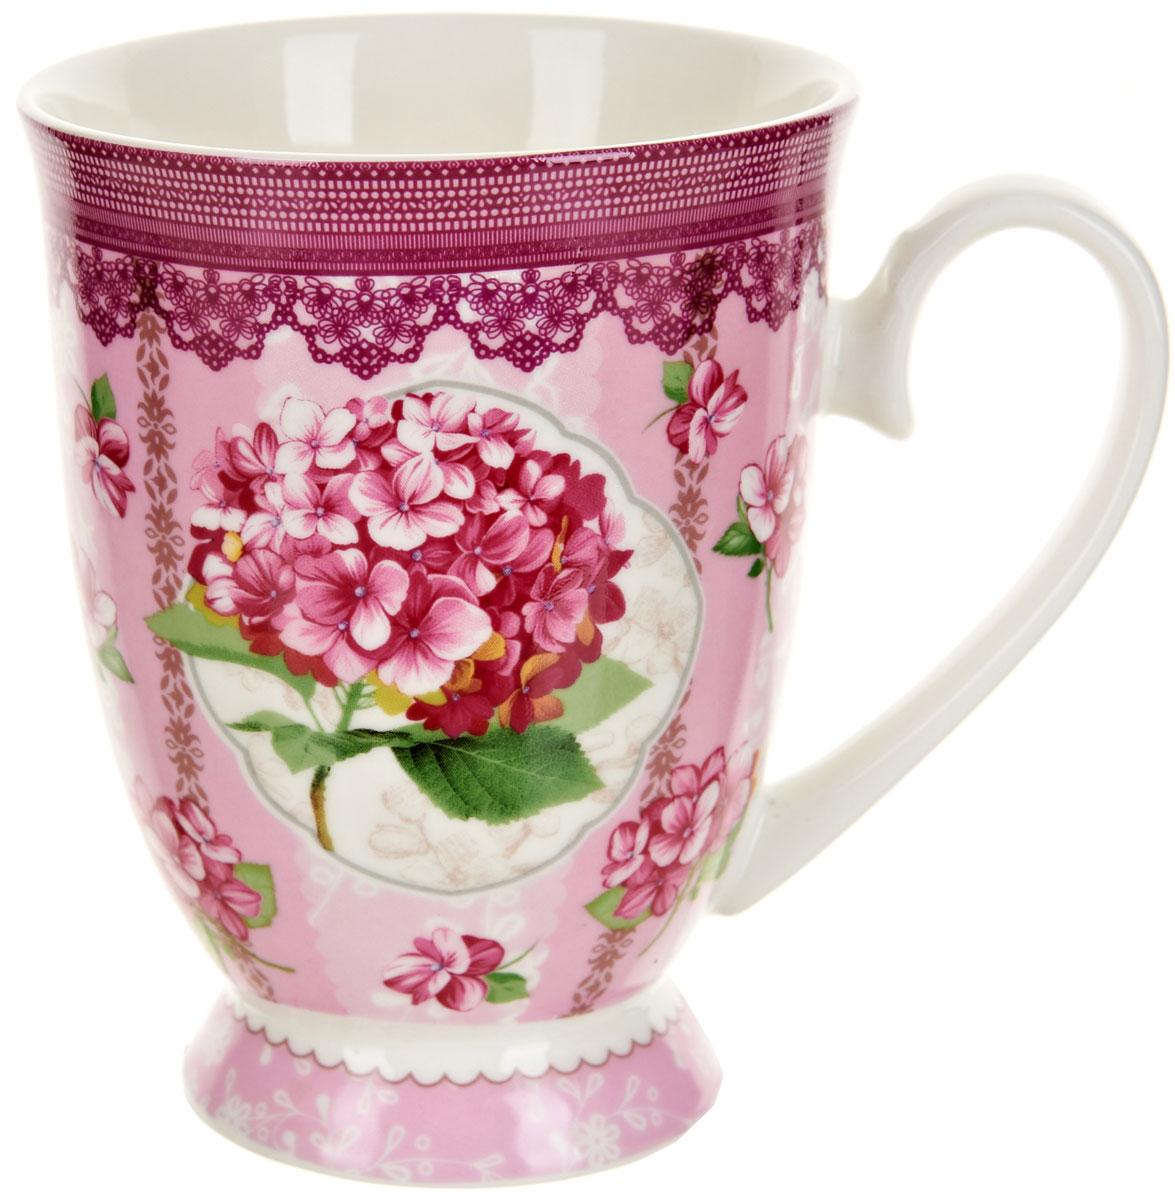 Кружка Polystar Розовая гортензия, 360 мл115510Оригинальная кружка Polystar, выполненная из фарфора, сочетает в себе изысканный дизайн с максимальной функциональностью.Красочность оформления кружки придется по вкусу и ценителям классики, и тем, кто предпочитает утонченность и изысканность. Можно использовать в микроволной печи и мыть в посудомоечной машине.Объем: 360 мл.